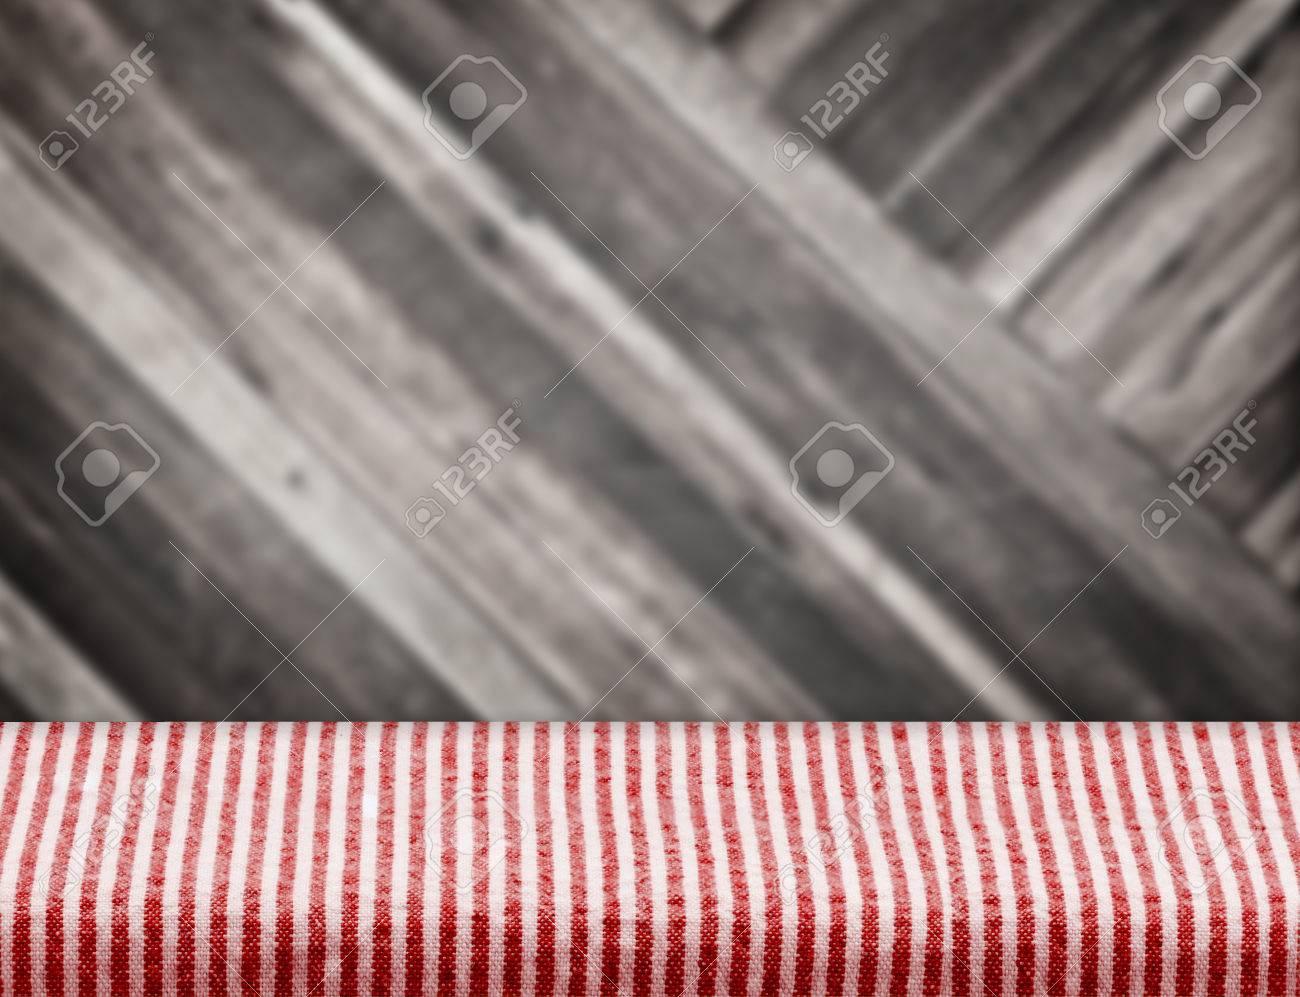 Vider La Nappe De Table Rouge Avec Flou Diagonale Planche De Bois